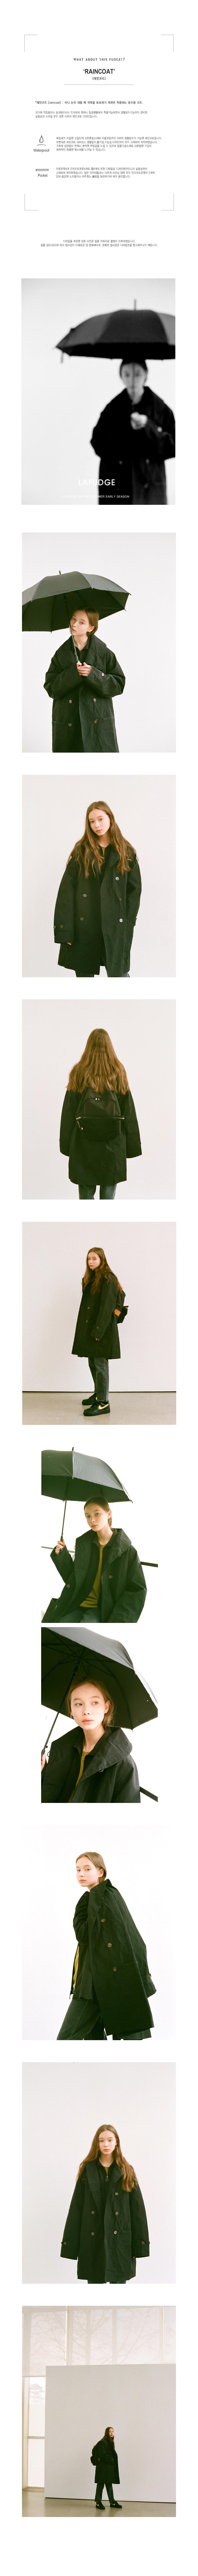 Shawl_Collar_Rain_Coat_Black_01.jpg